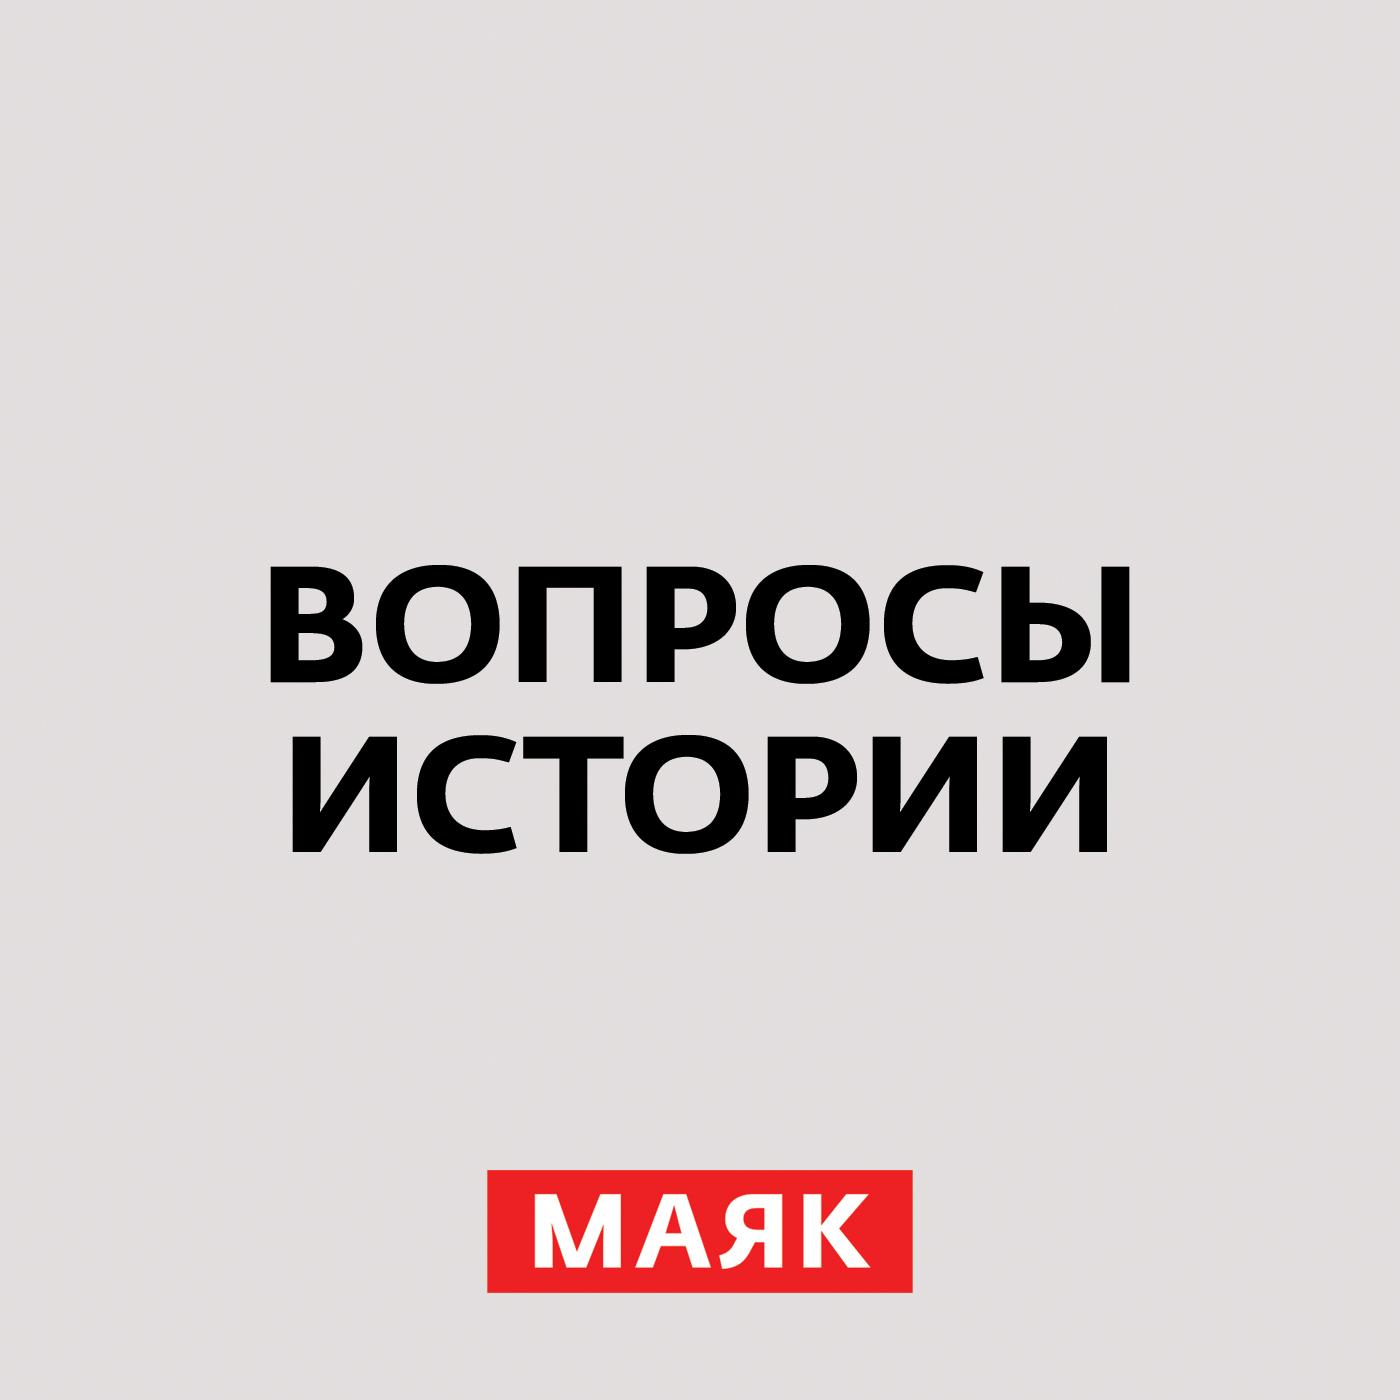 Андрей Светенко Речь Сталина 3 июля: почему каждый абзац вызывает недовольство. Часть 3 андрей светенко речь сталина 3 июля почему каждый абзац вызывает недовольство часть 3